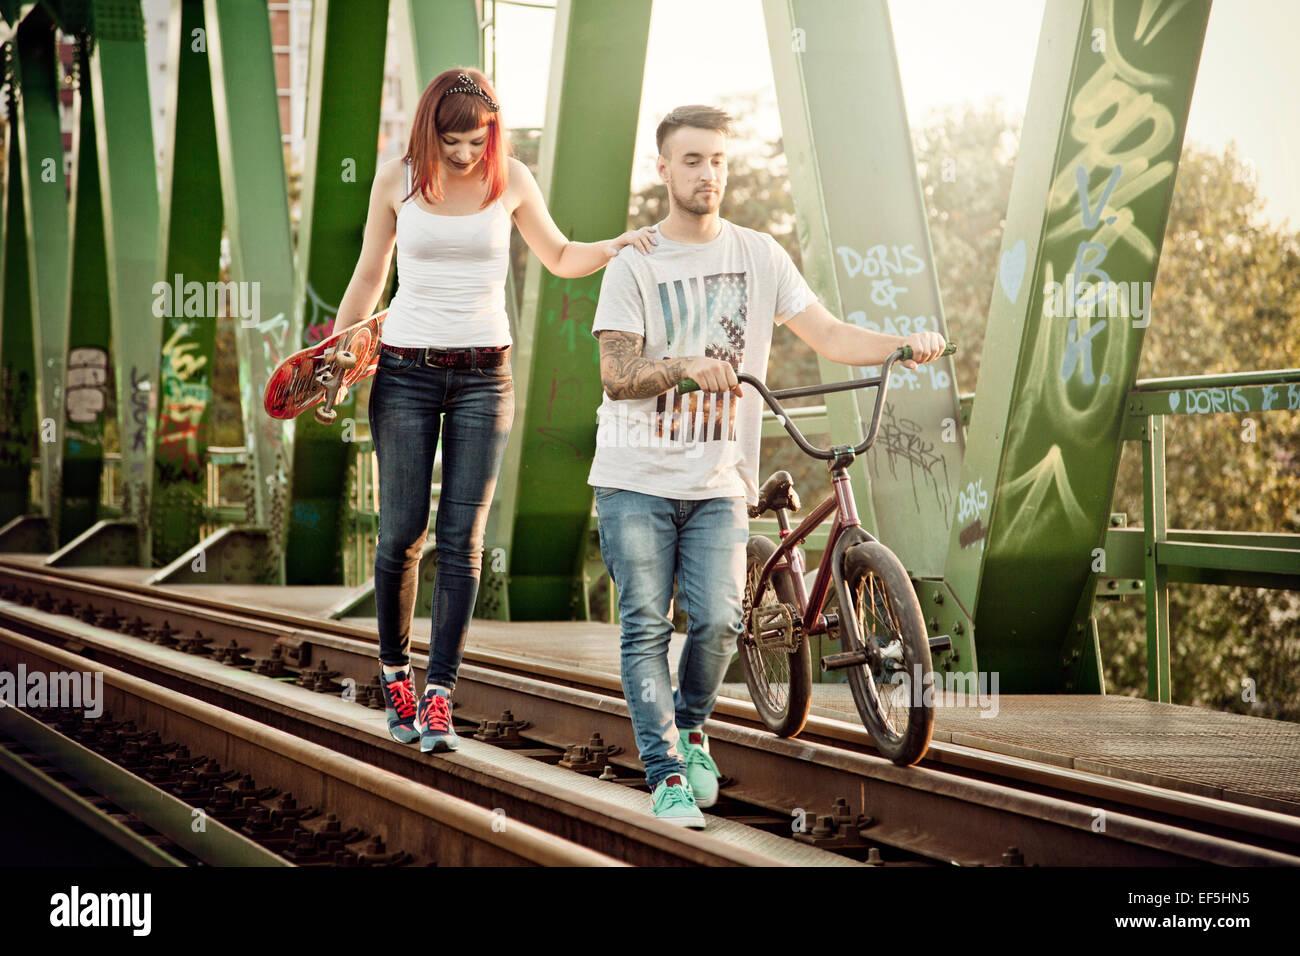 Junges Paar mit Skateboard und BMX Fahrrad im freien Stockfoto